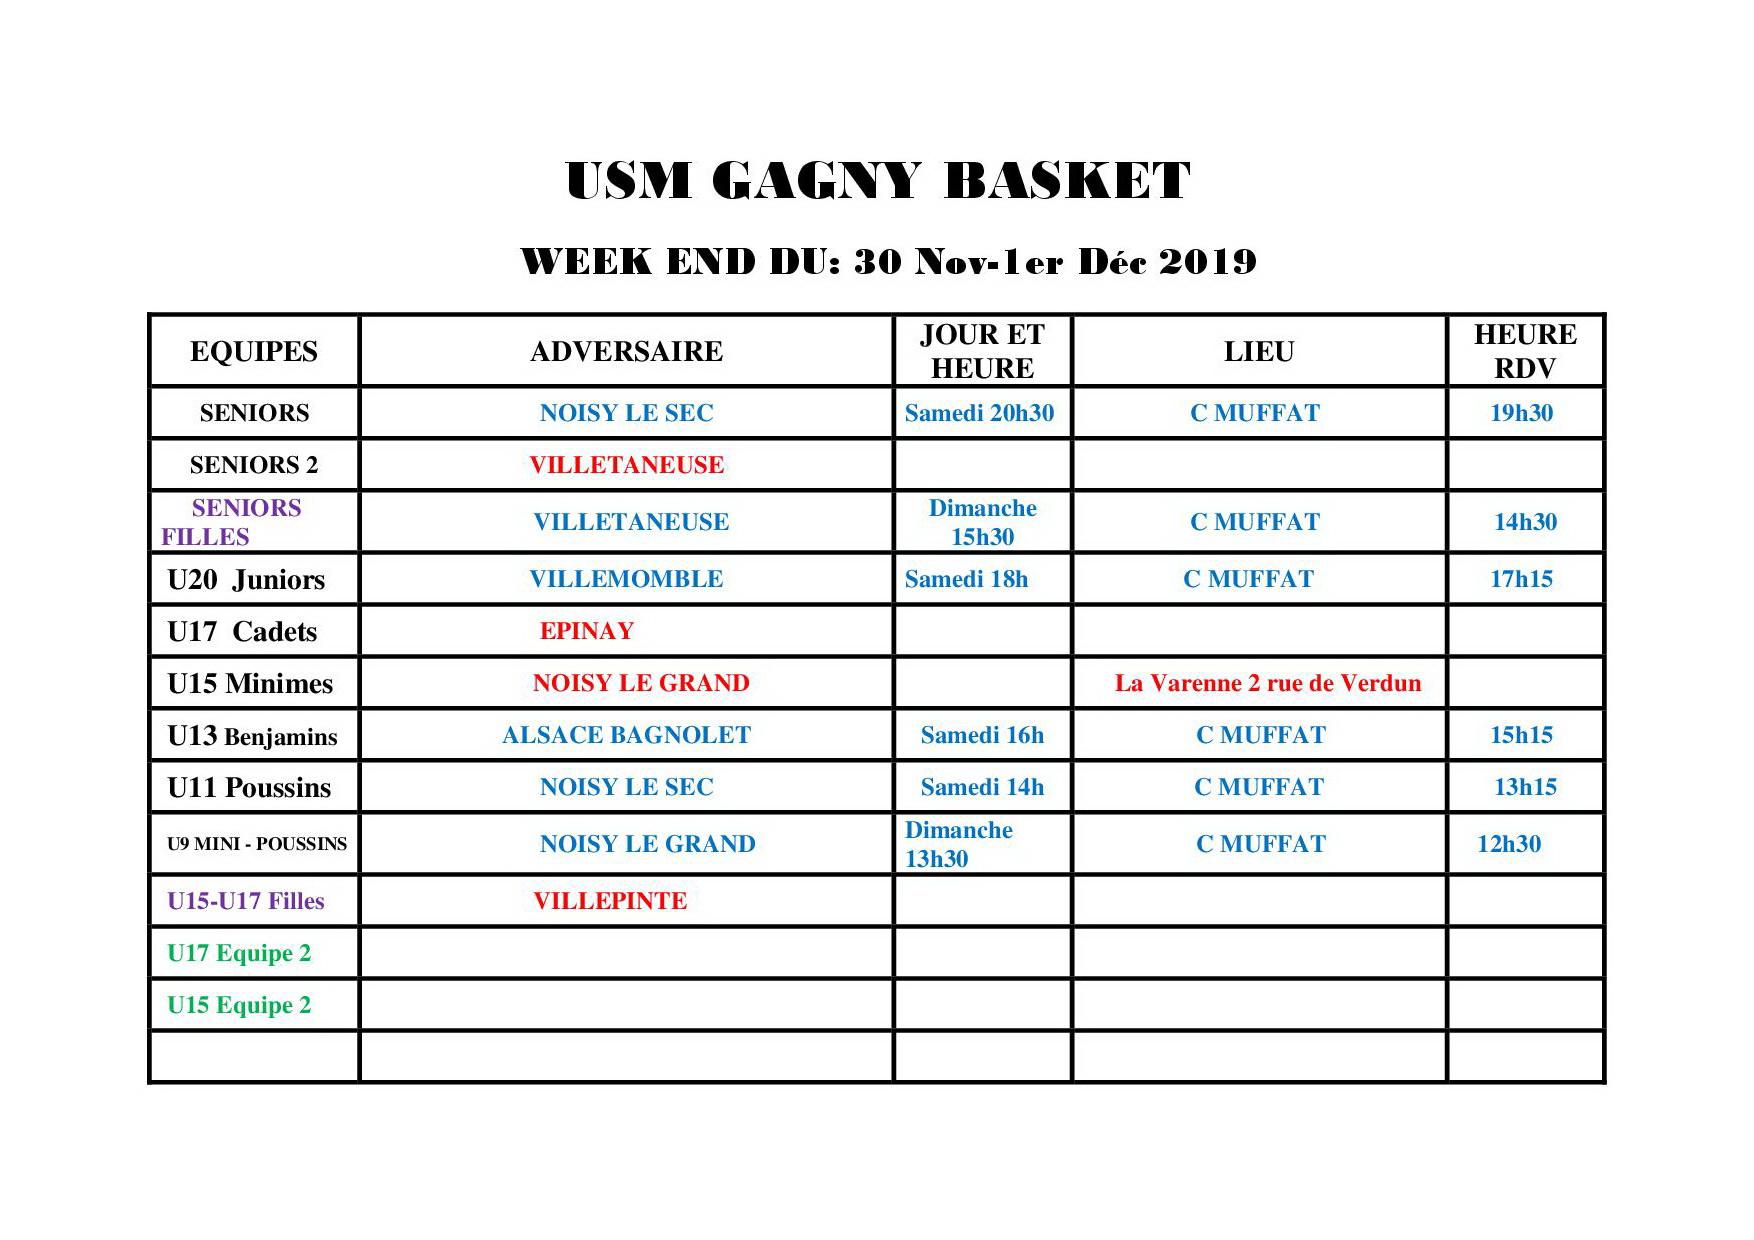 Usmg gagny planning week end 30 nov 1er dec 2019